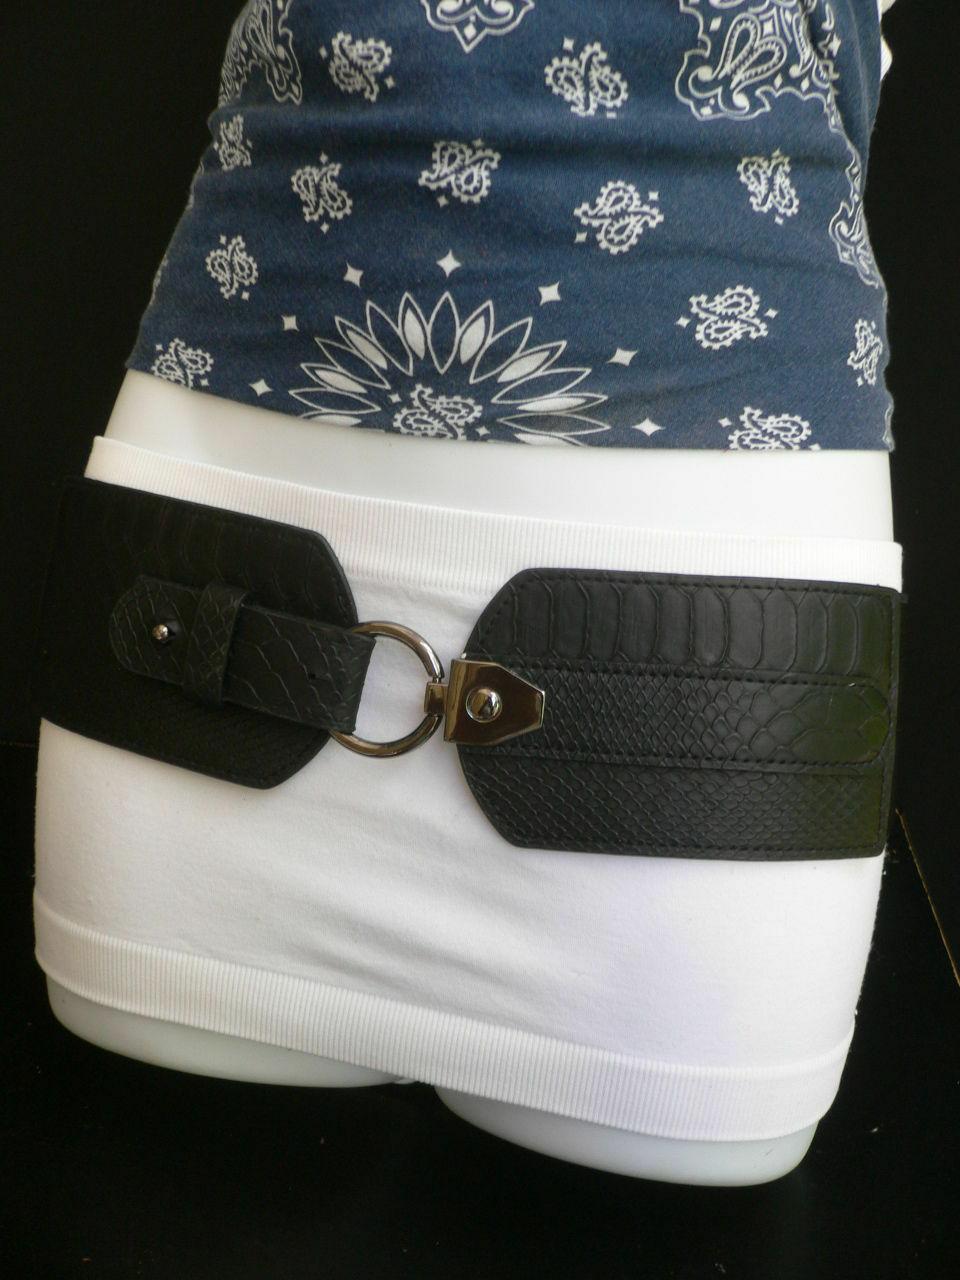 Cinturón para Dama Moda Hip Cintura Elástico Negro Ancho Imitación Piel de image 12